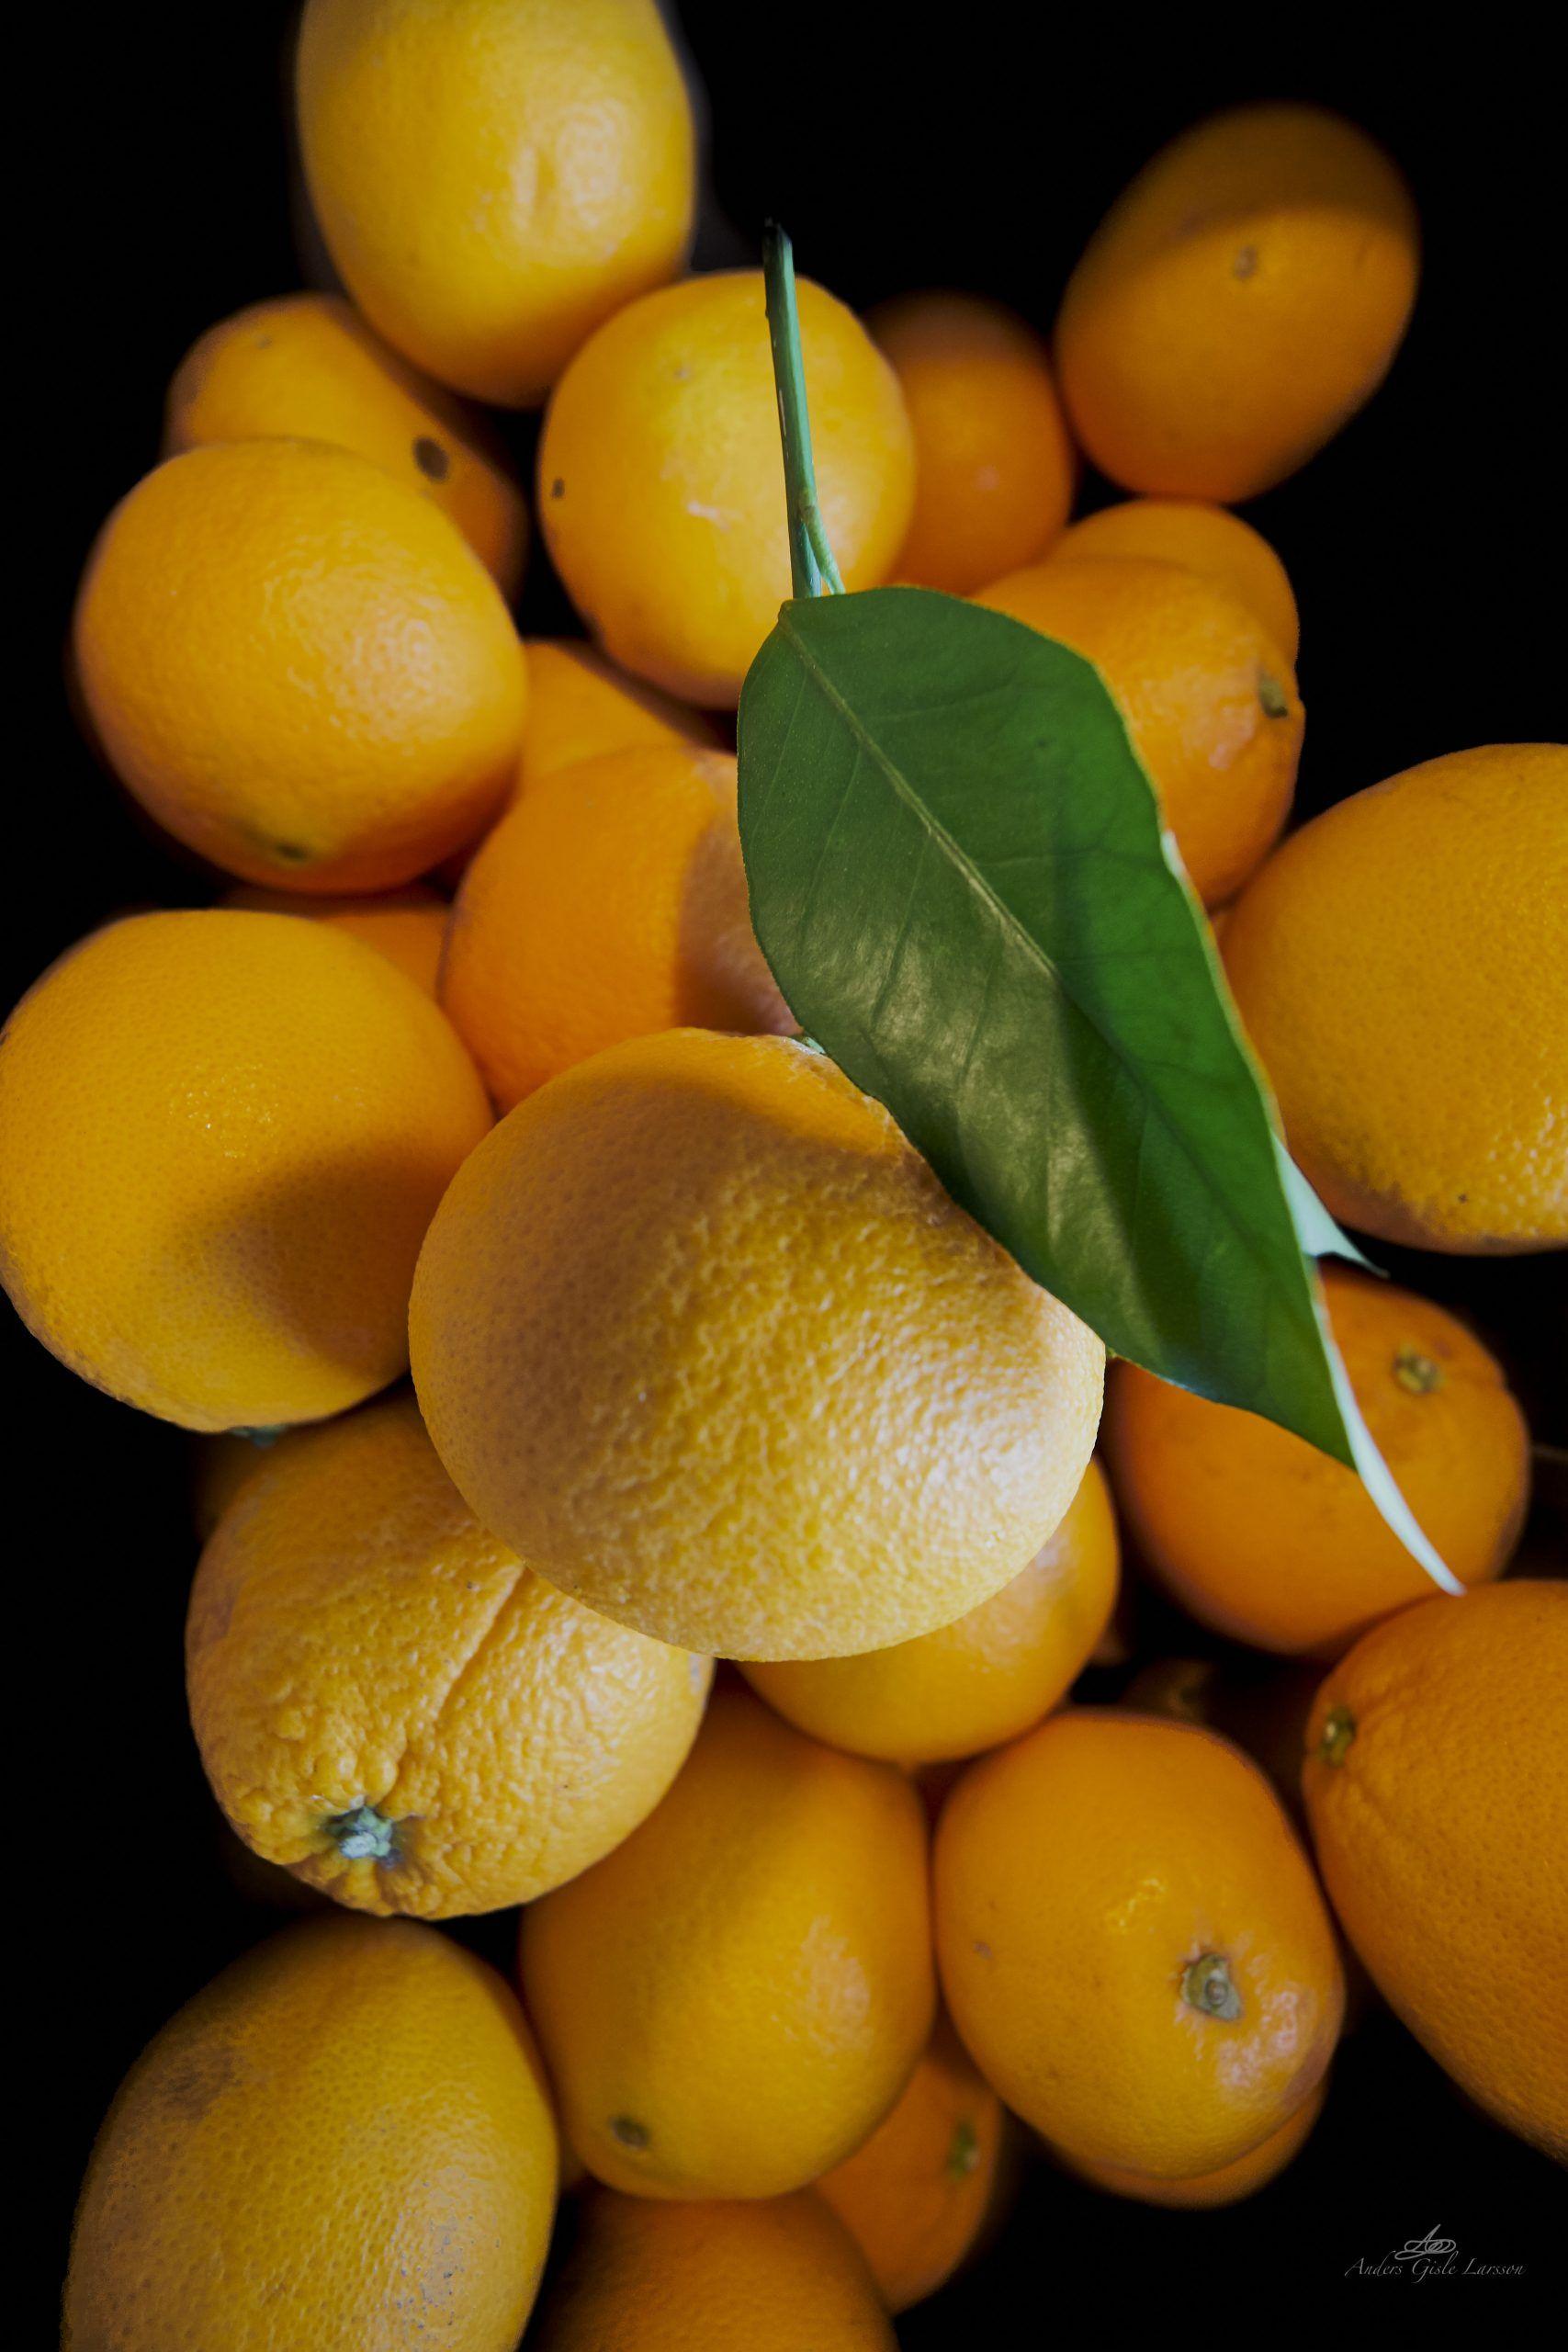 Friske Appelsiner, Uge 11, Assentoft, Randers